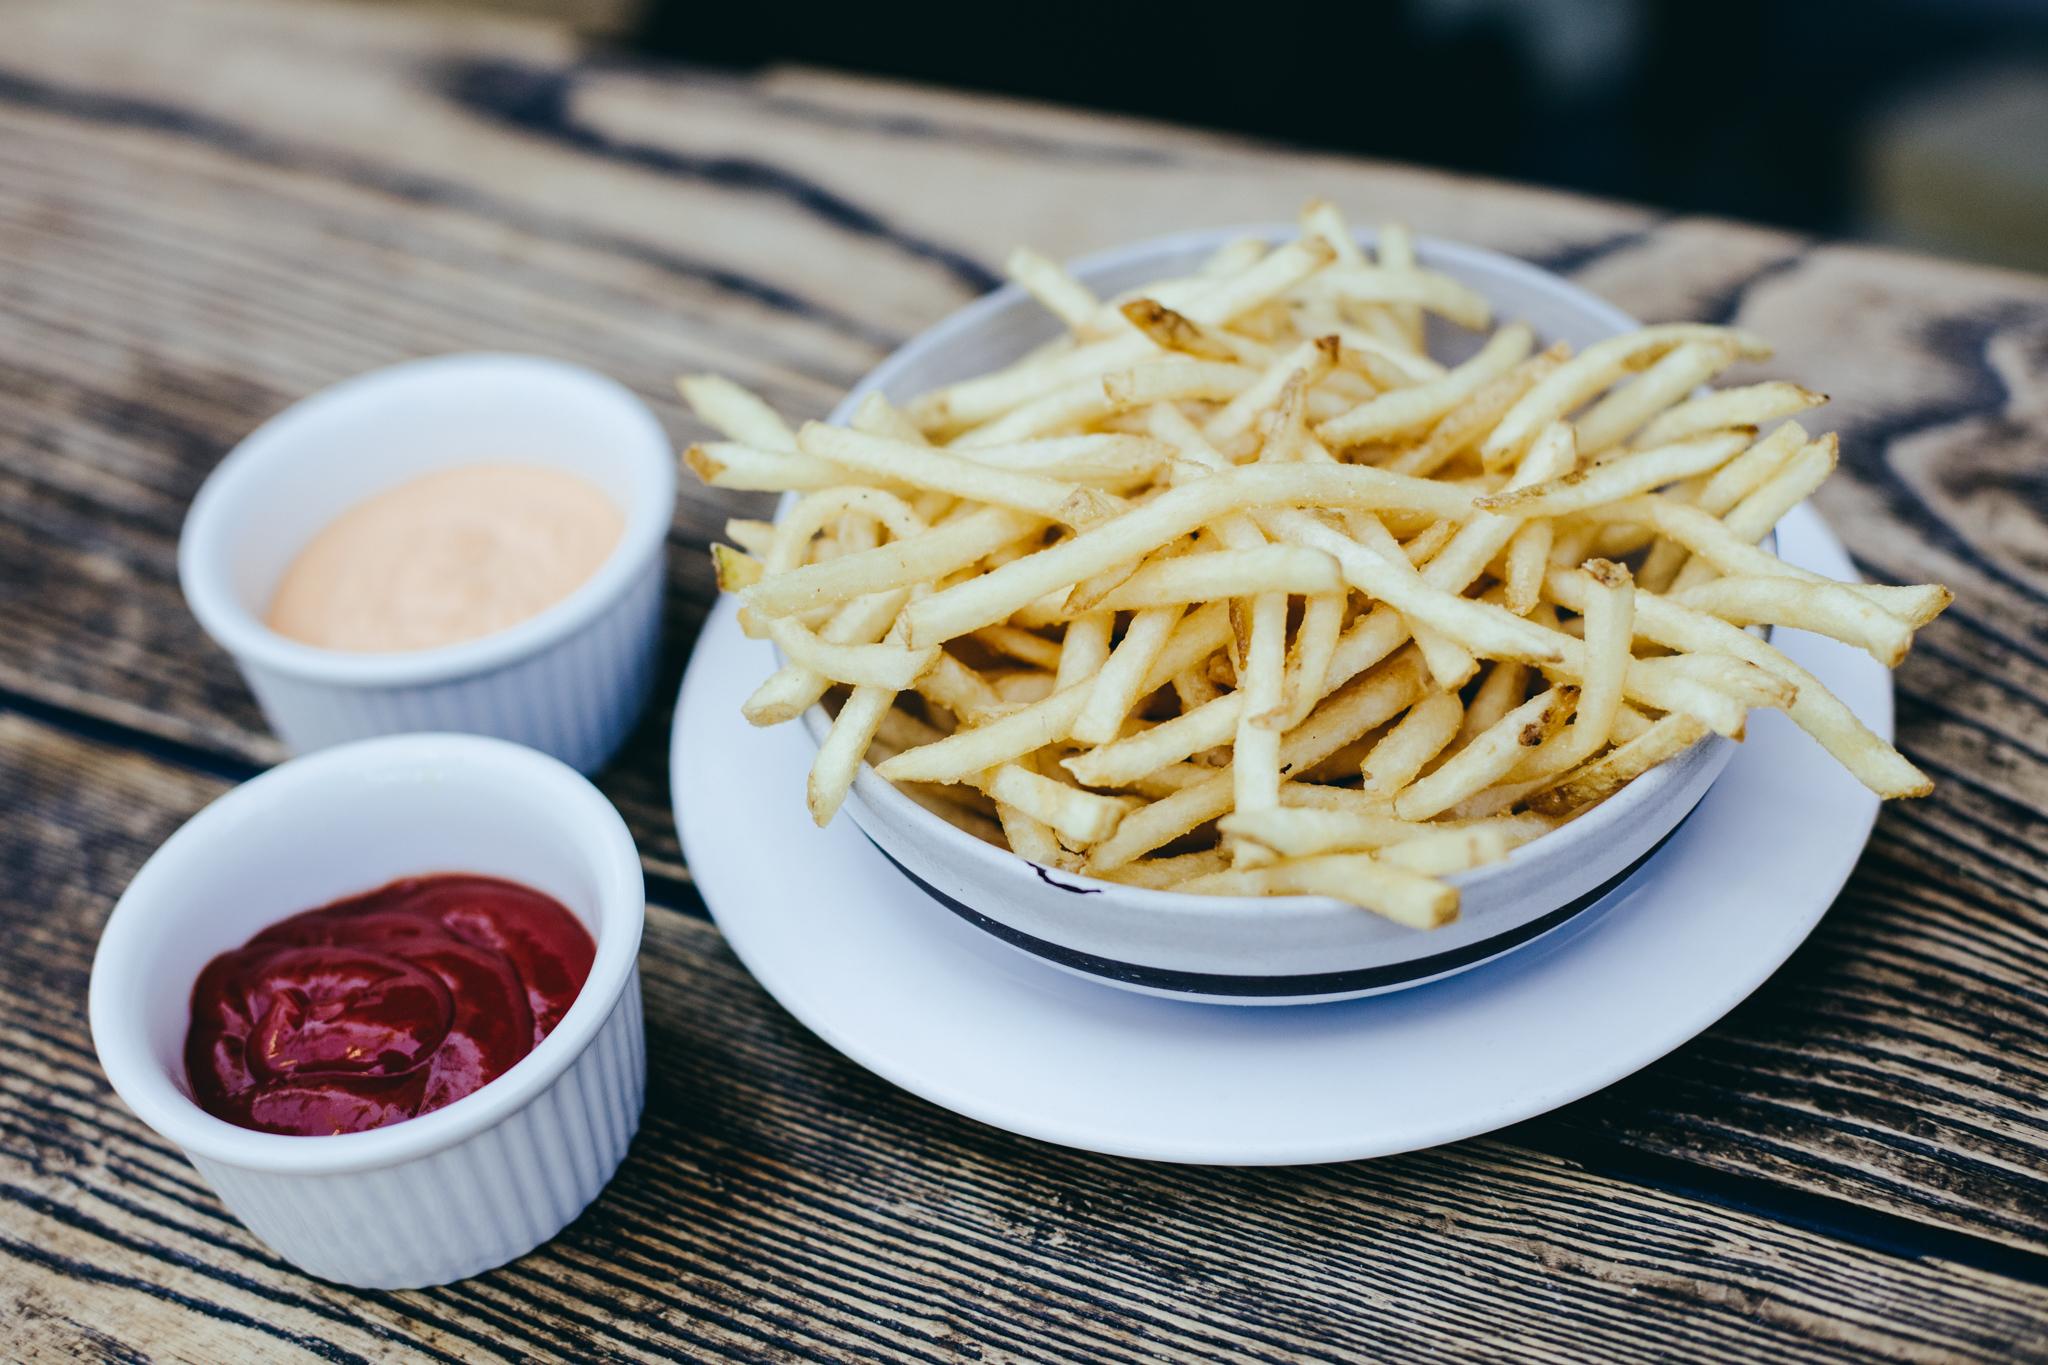 French Fries at Zinque